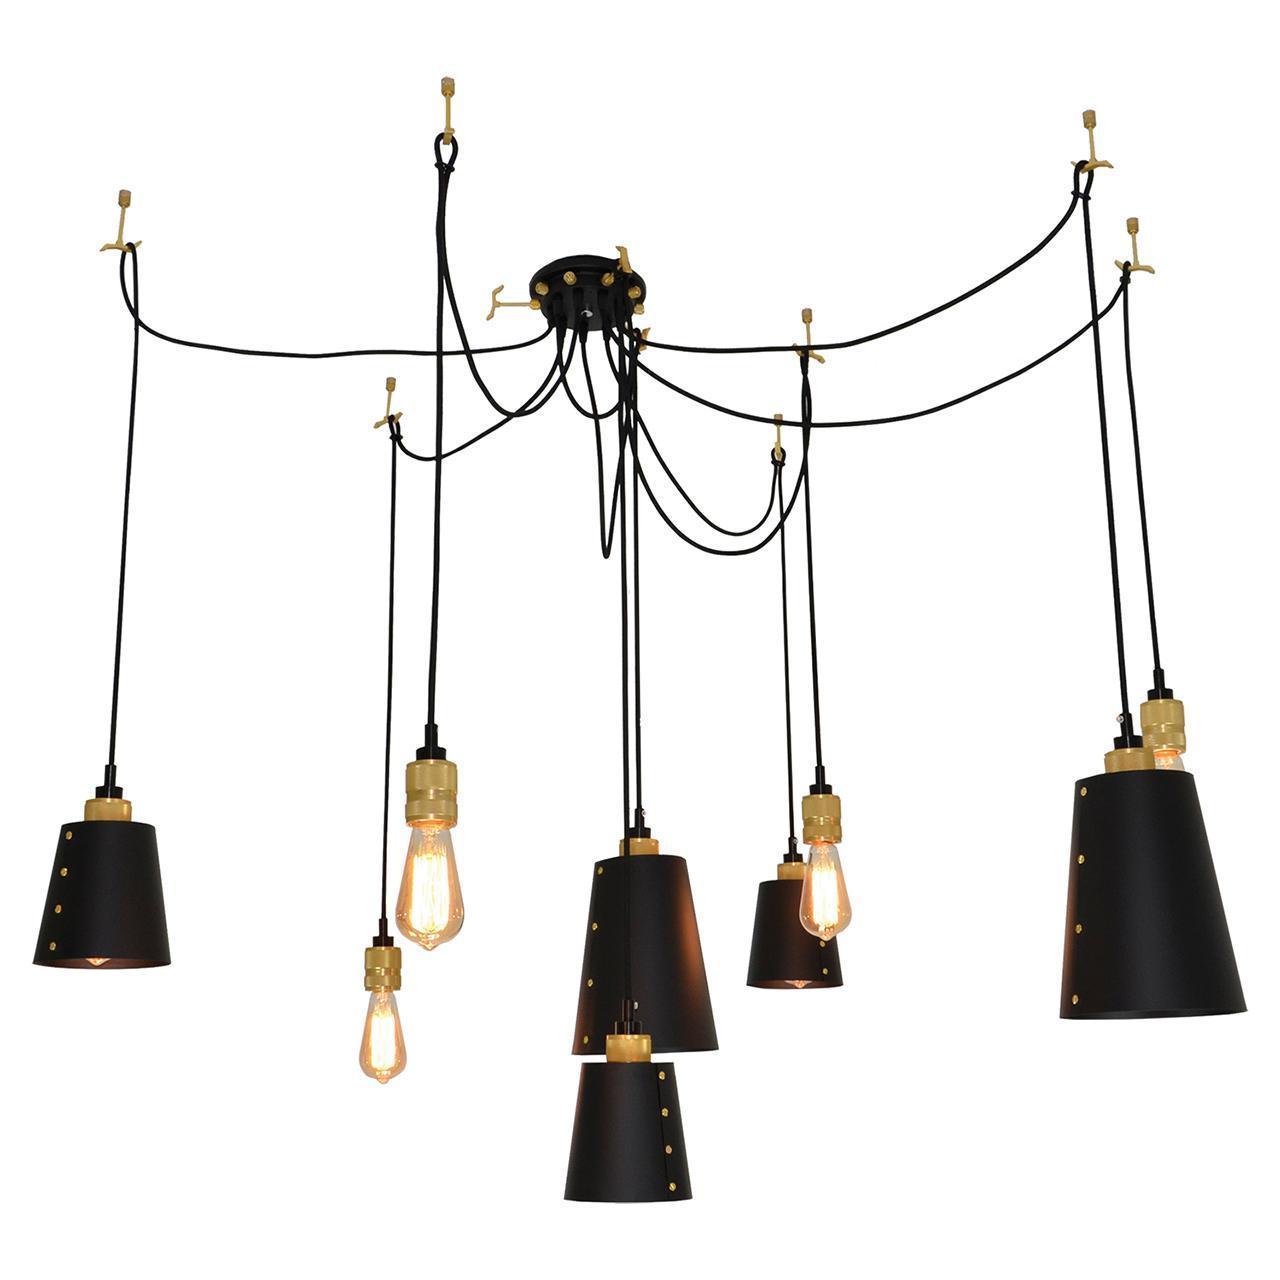 Люстра Lussole Loft LSP-9869 подвесная подвесная люстра lussole loft lsp 9869